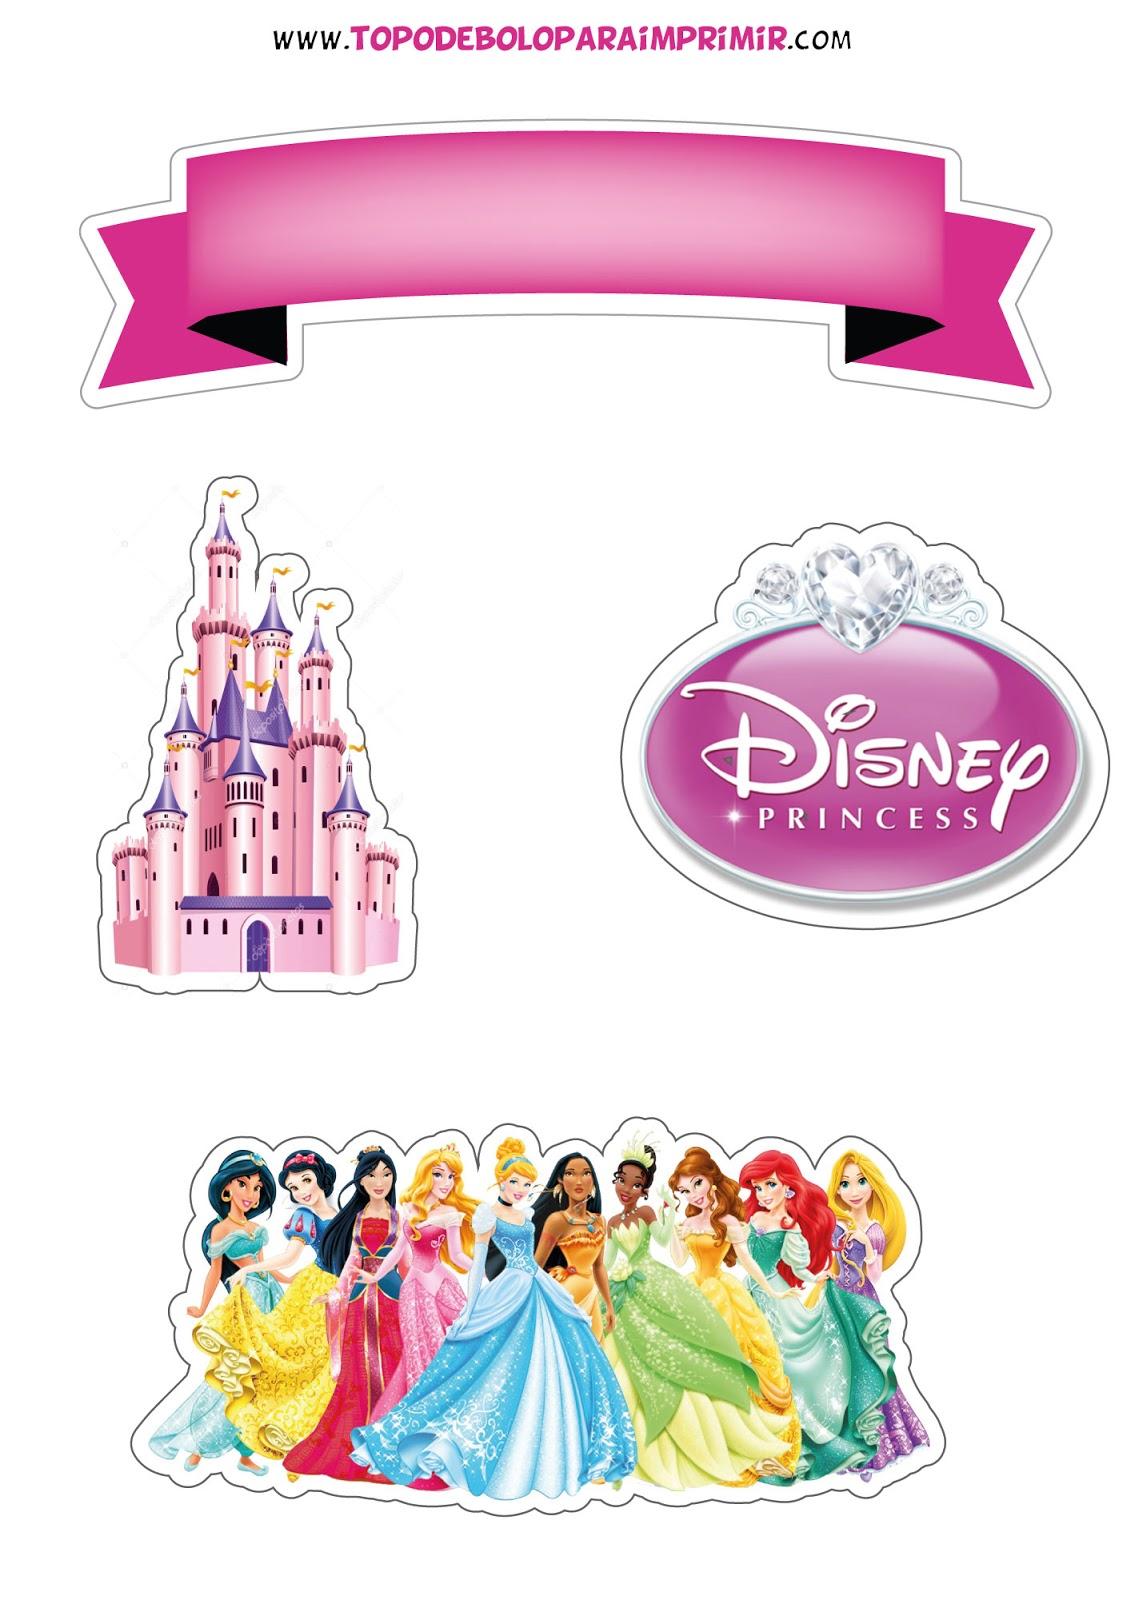 Topo De Bolo Princesas Para Imprimir Topper De Bolo Para Imprimir